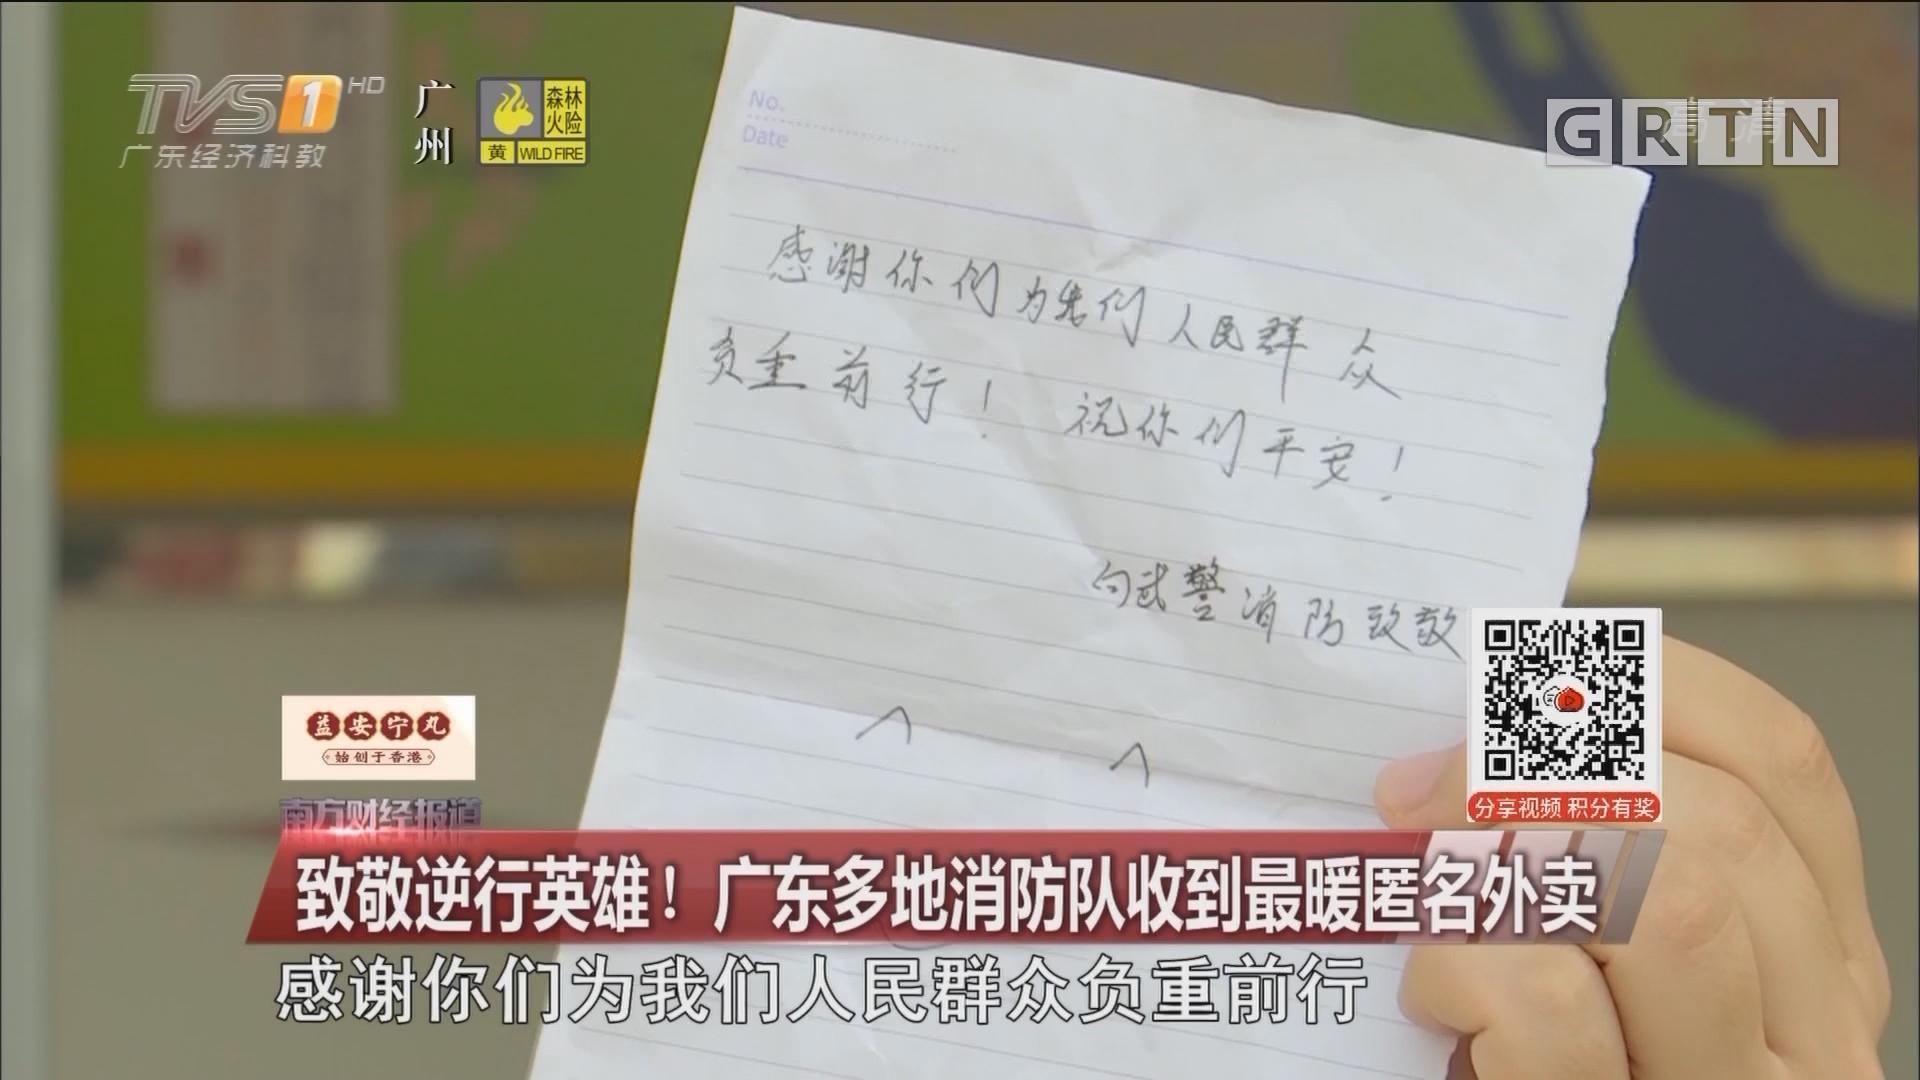 致敬逆行英雄!广东多地消防队收到最暖匿名外卖